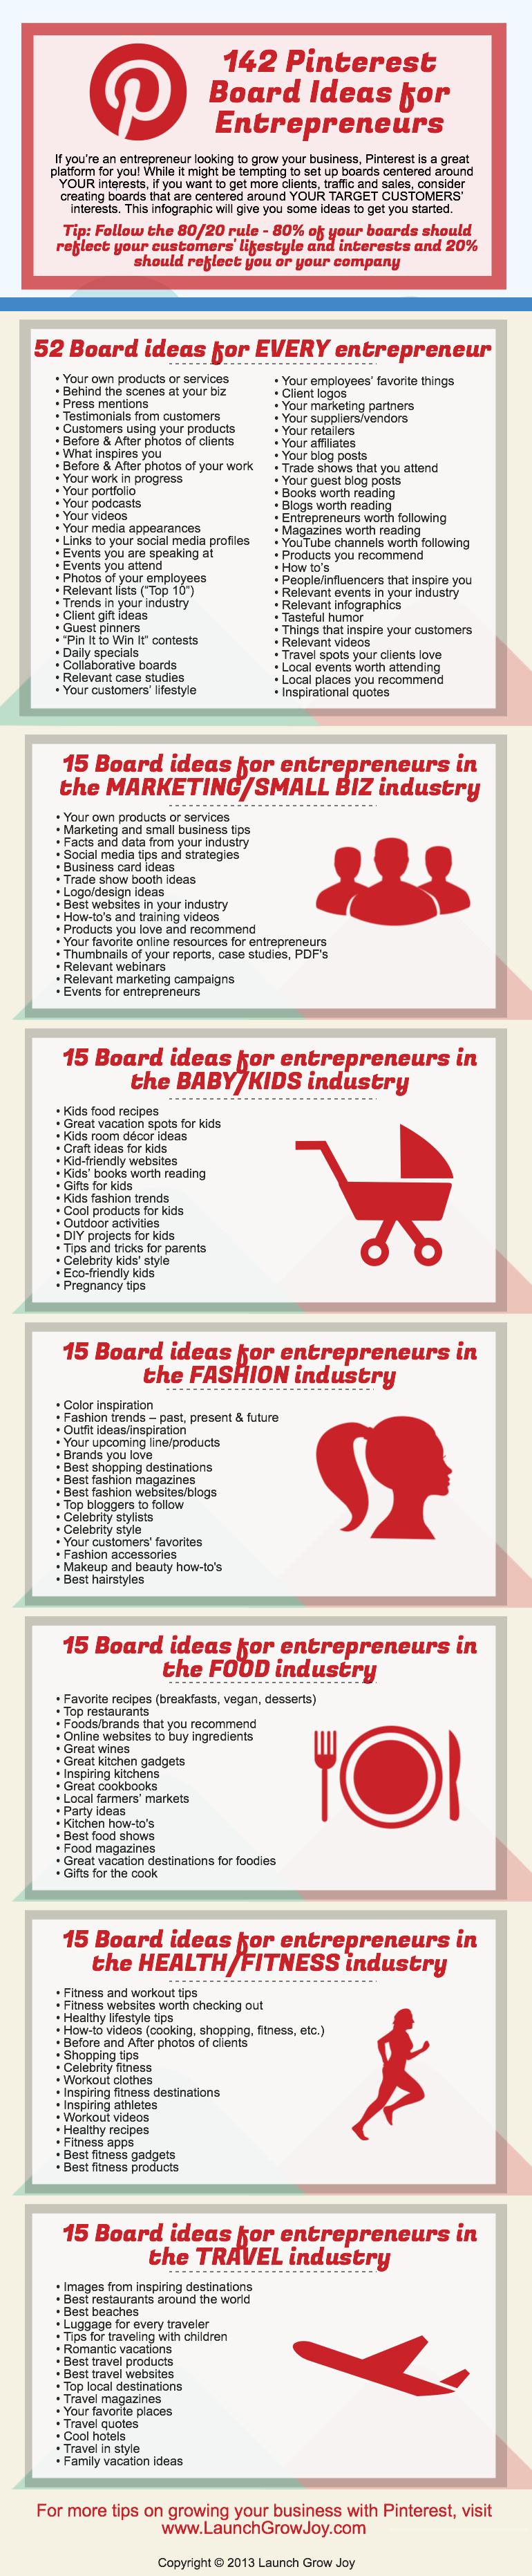 142-Pinterest-board-ideas-for-entrepreneurs